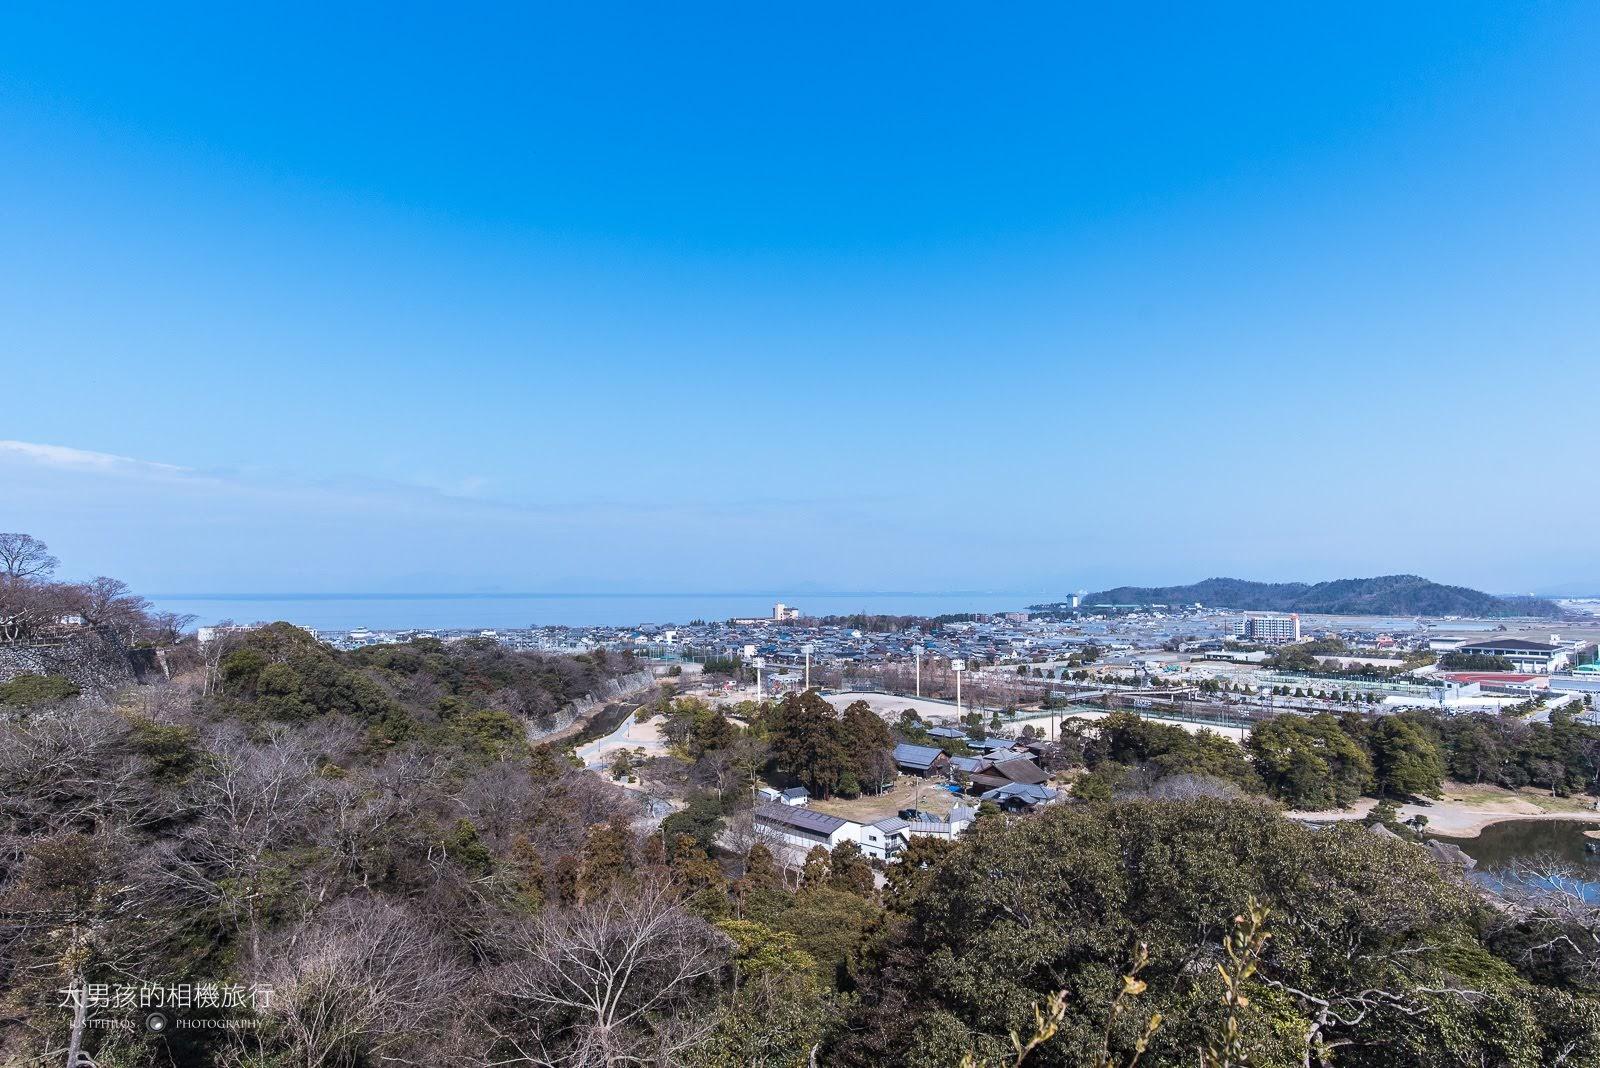 從彥根遠眺琵琶湖,當天的能見度非常好。